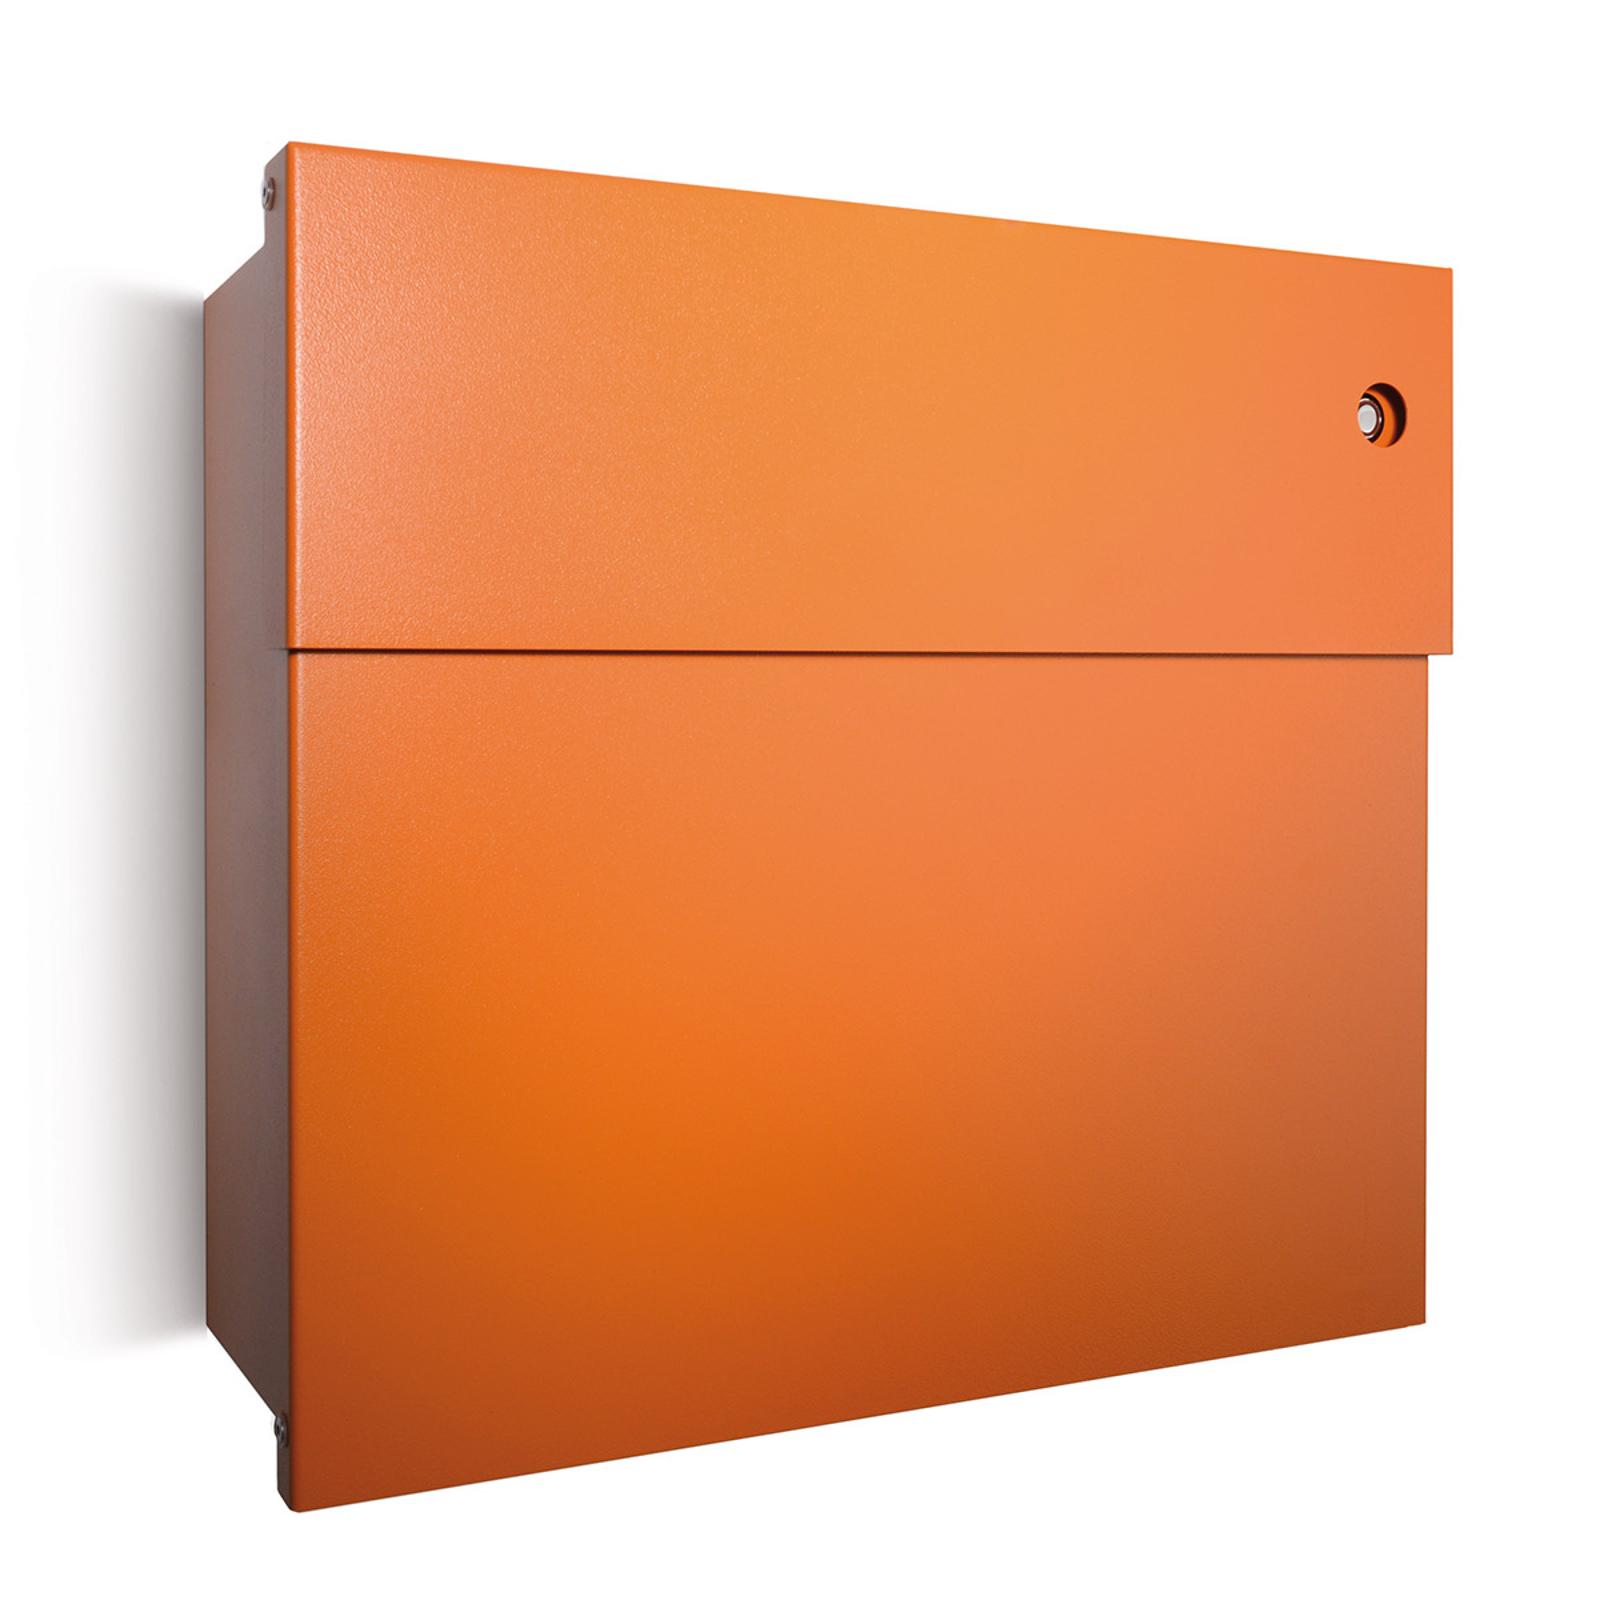 Poštová schránka Letterman IV, zvonček, oranžová_1057143_1